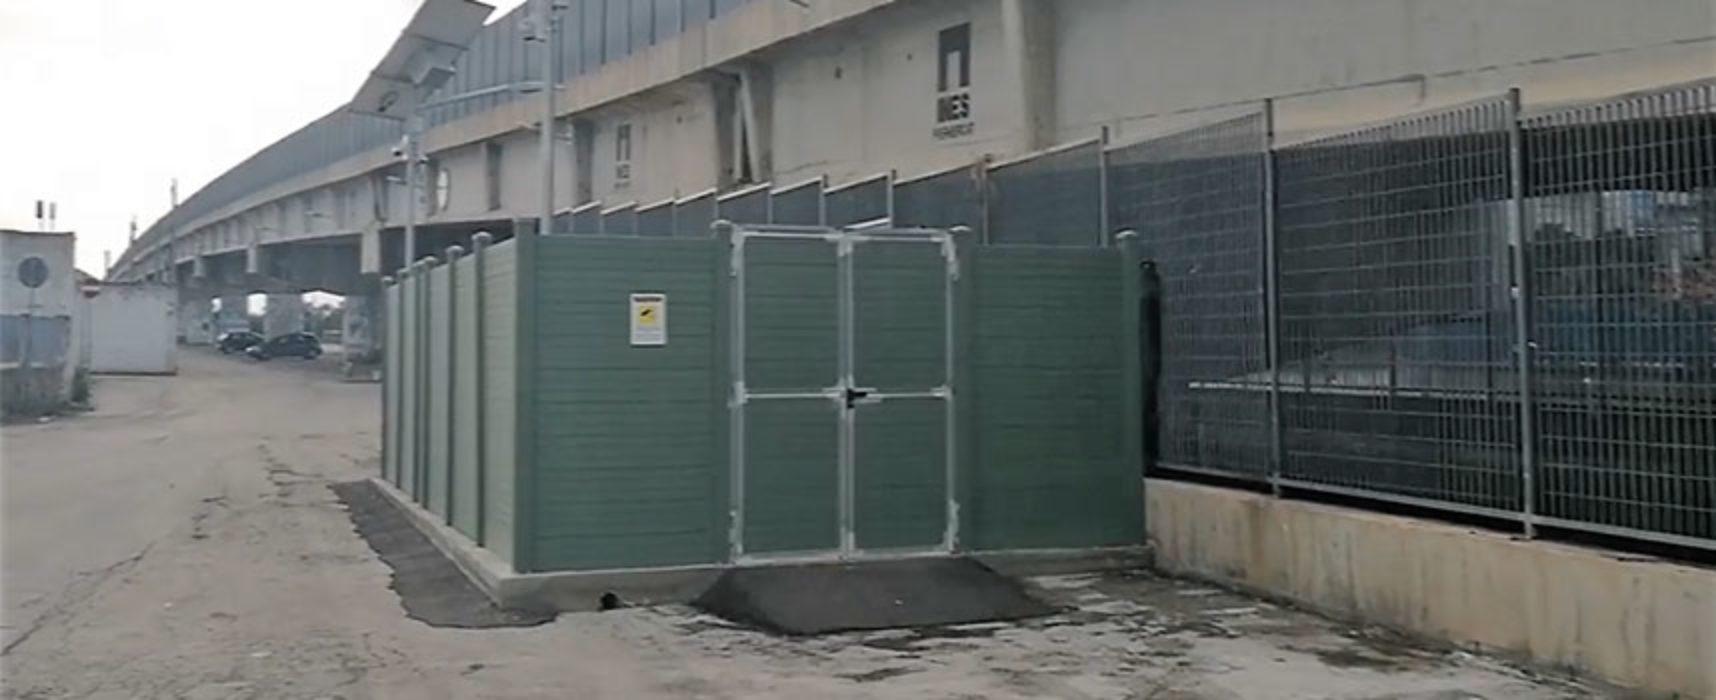 """Angarano: """"Pronta per l'uso isola ecologica fissa per le casesparse"""" / VIDEO"""